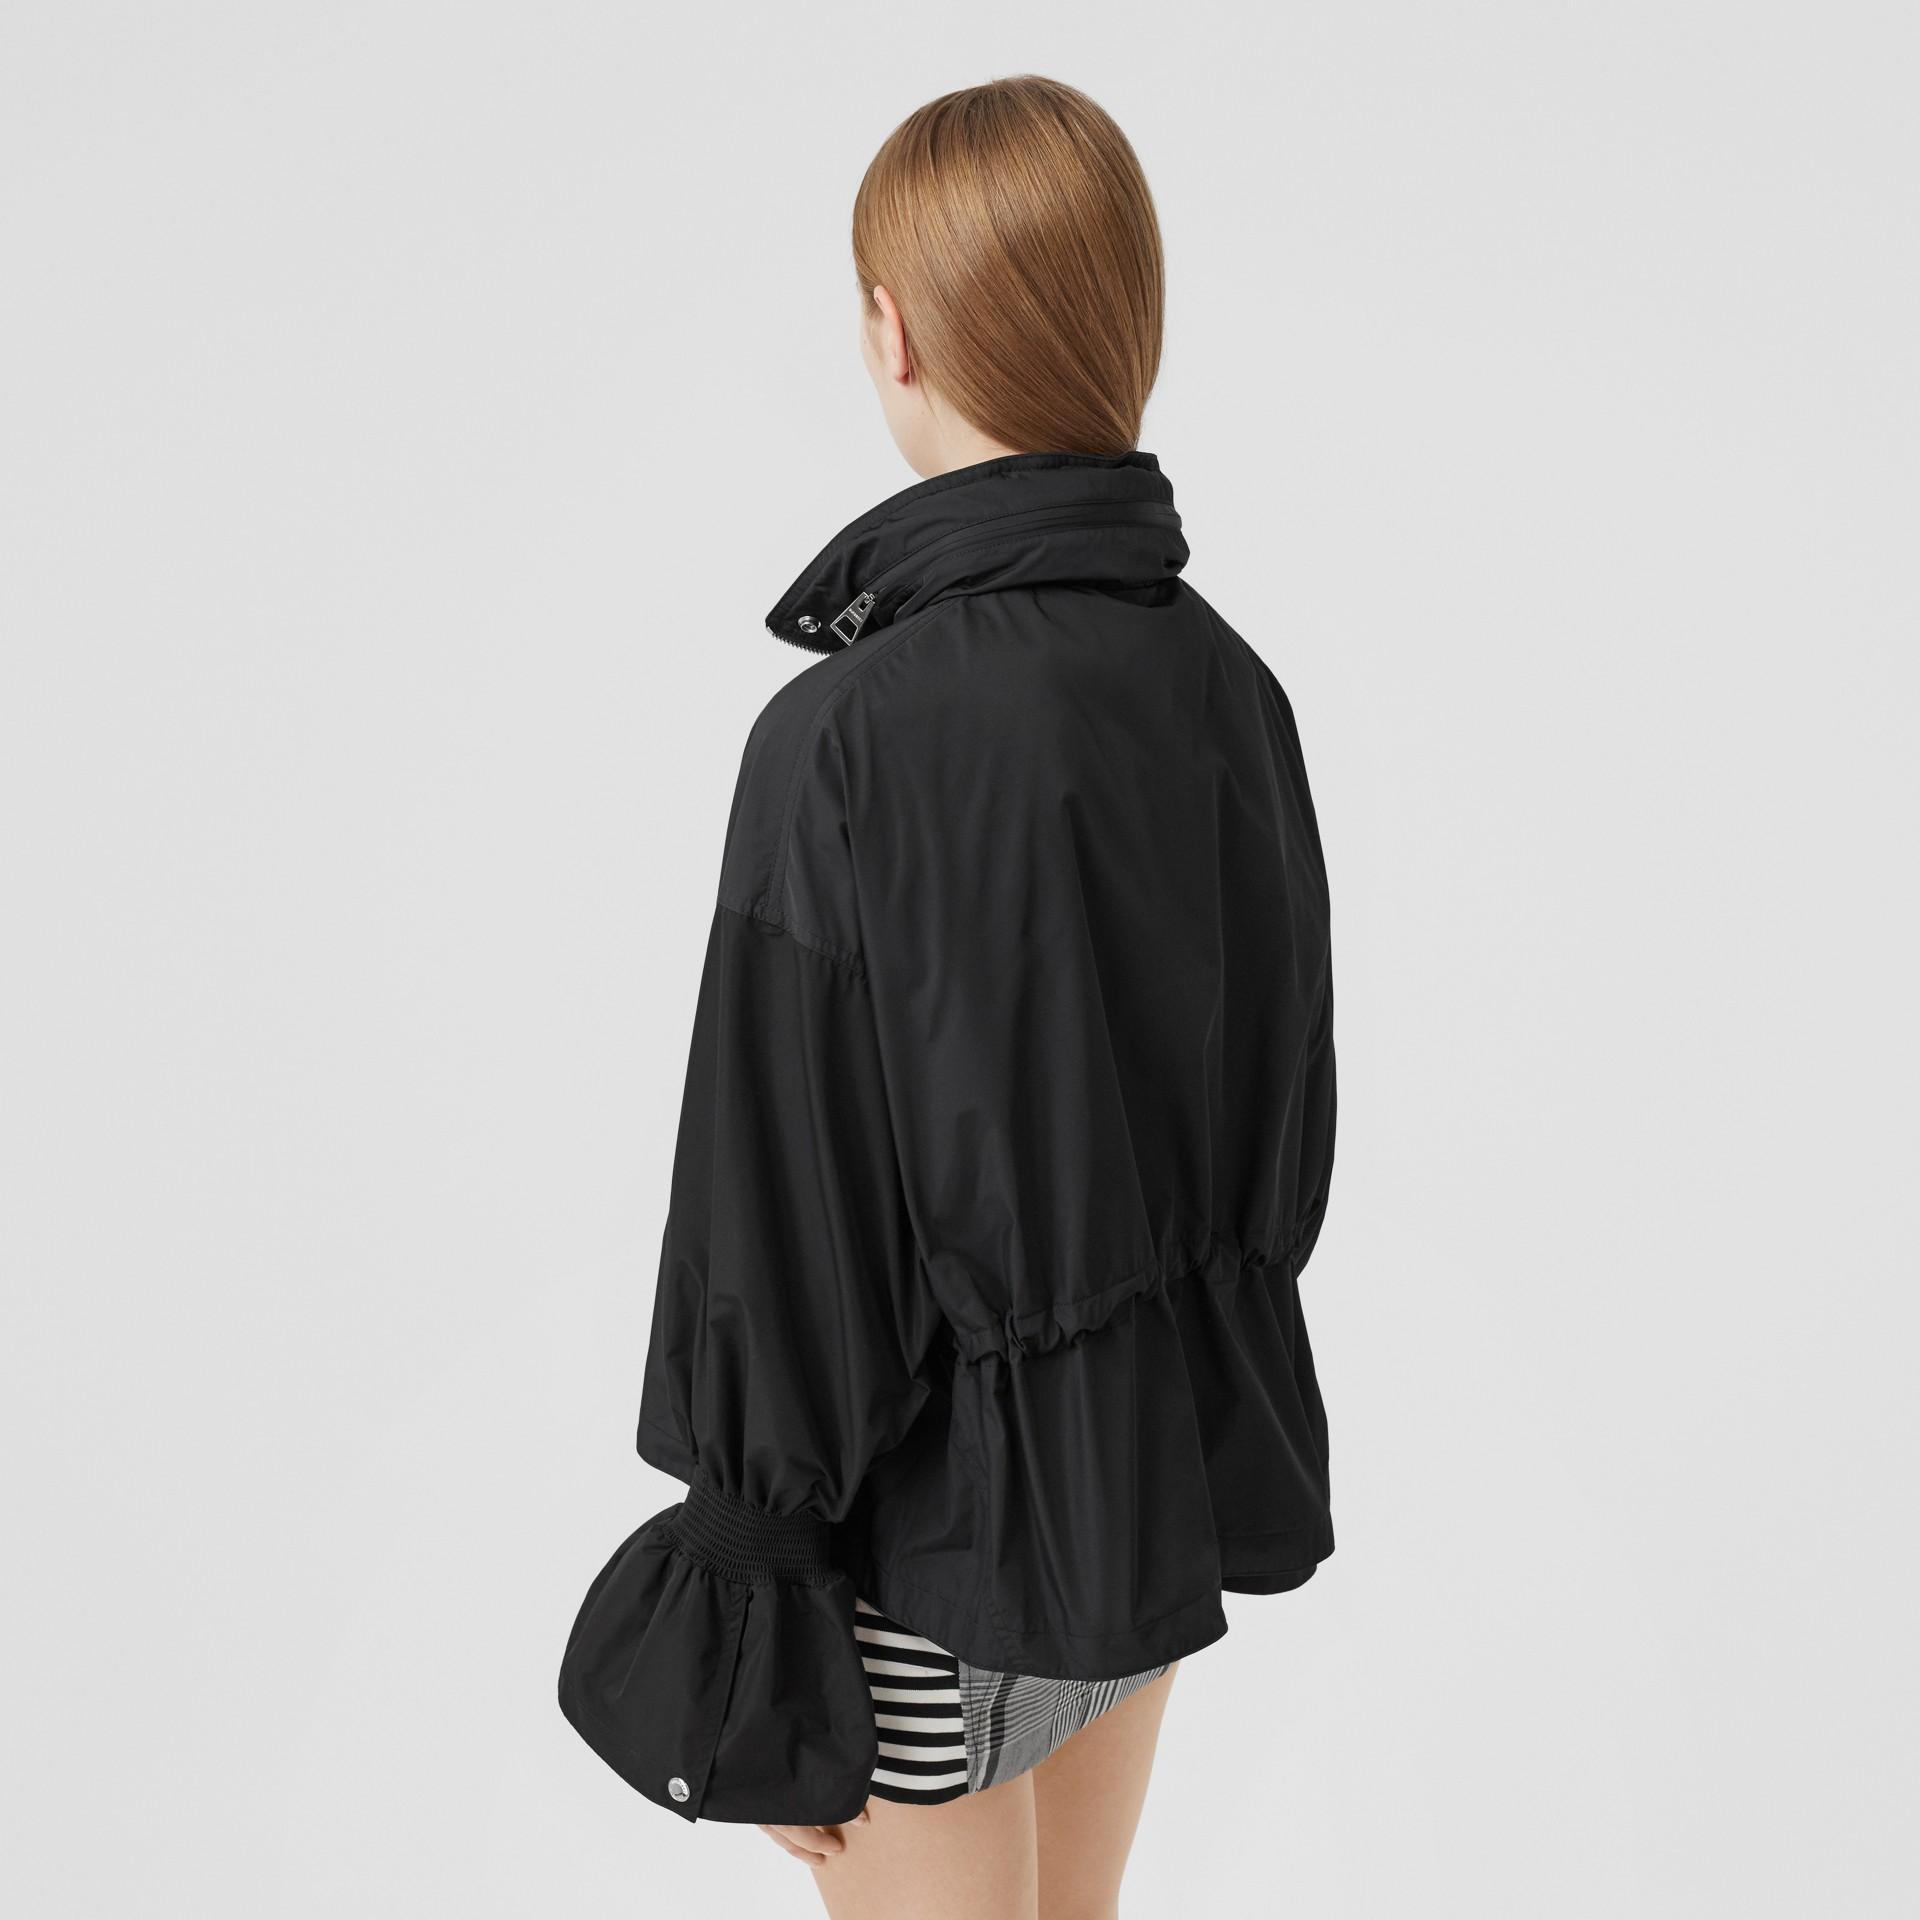 Packaway Hood Bio-based Nylon Jacket in Black - Women | Burberry - gallery image 2